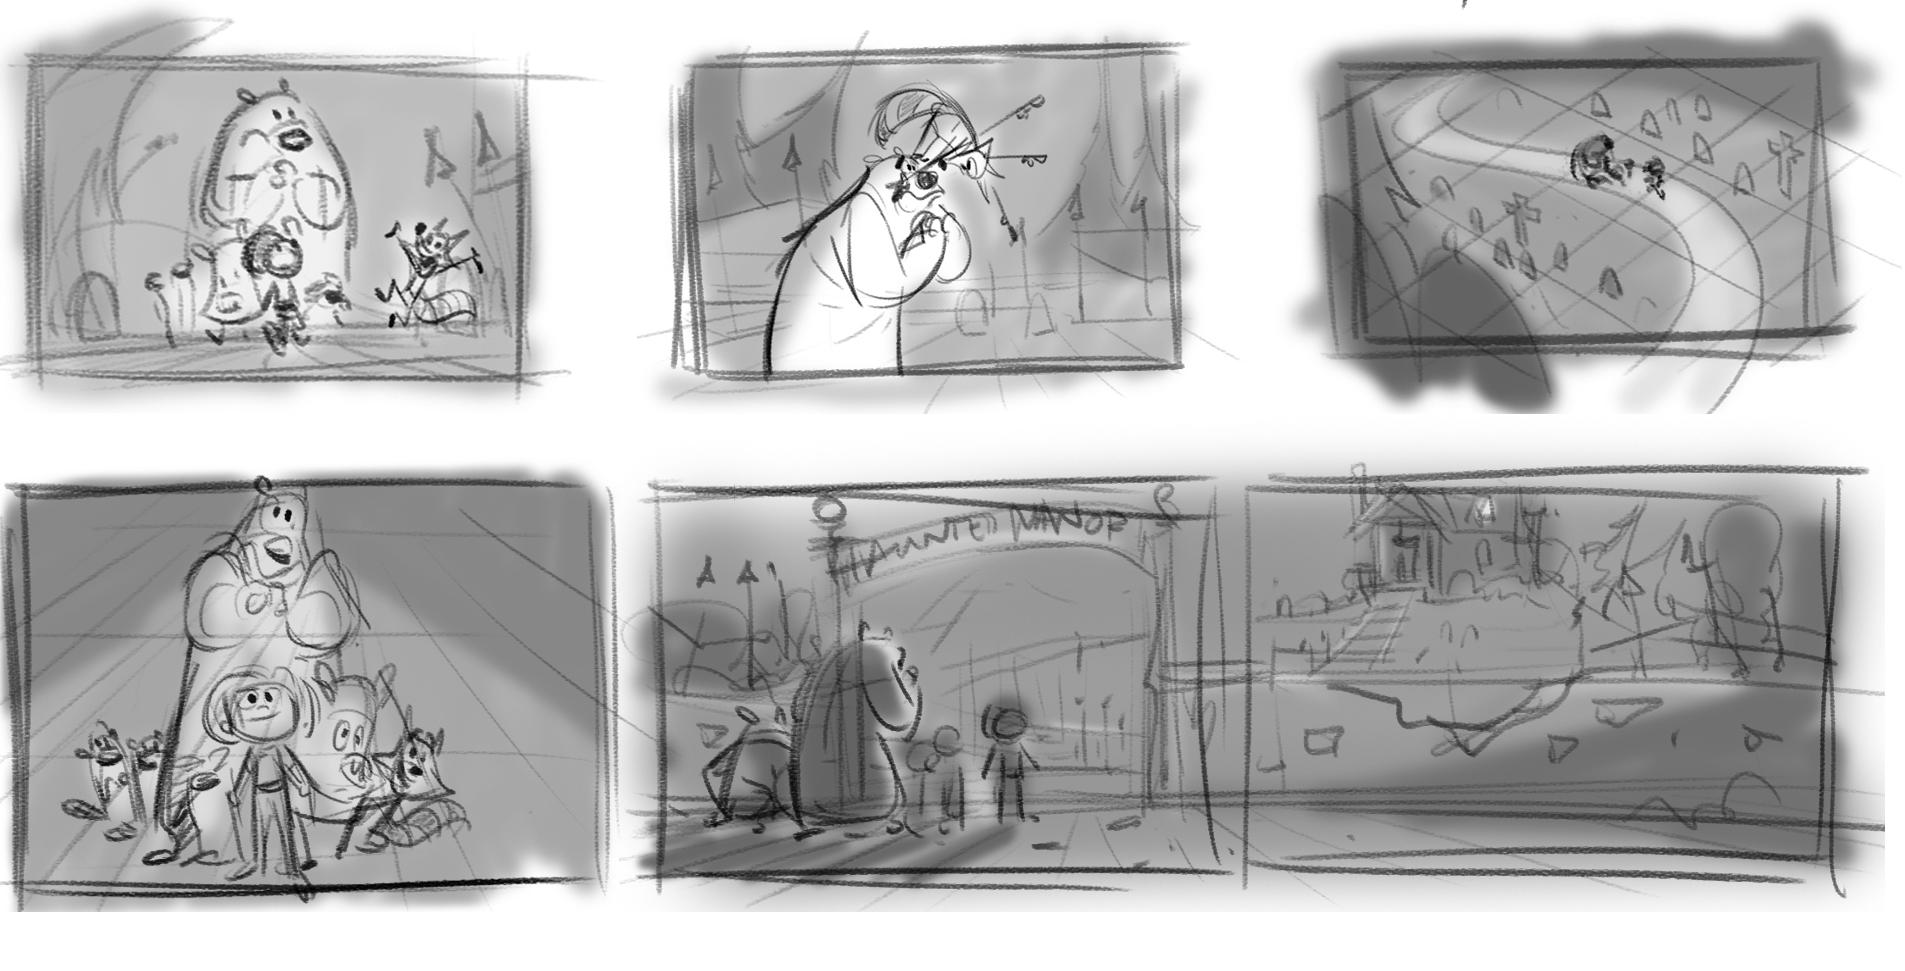 Storyboardsamplepanels-Kunkel3.jpg